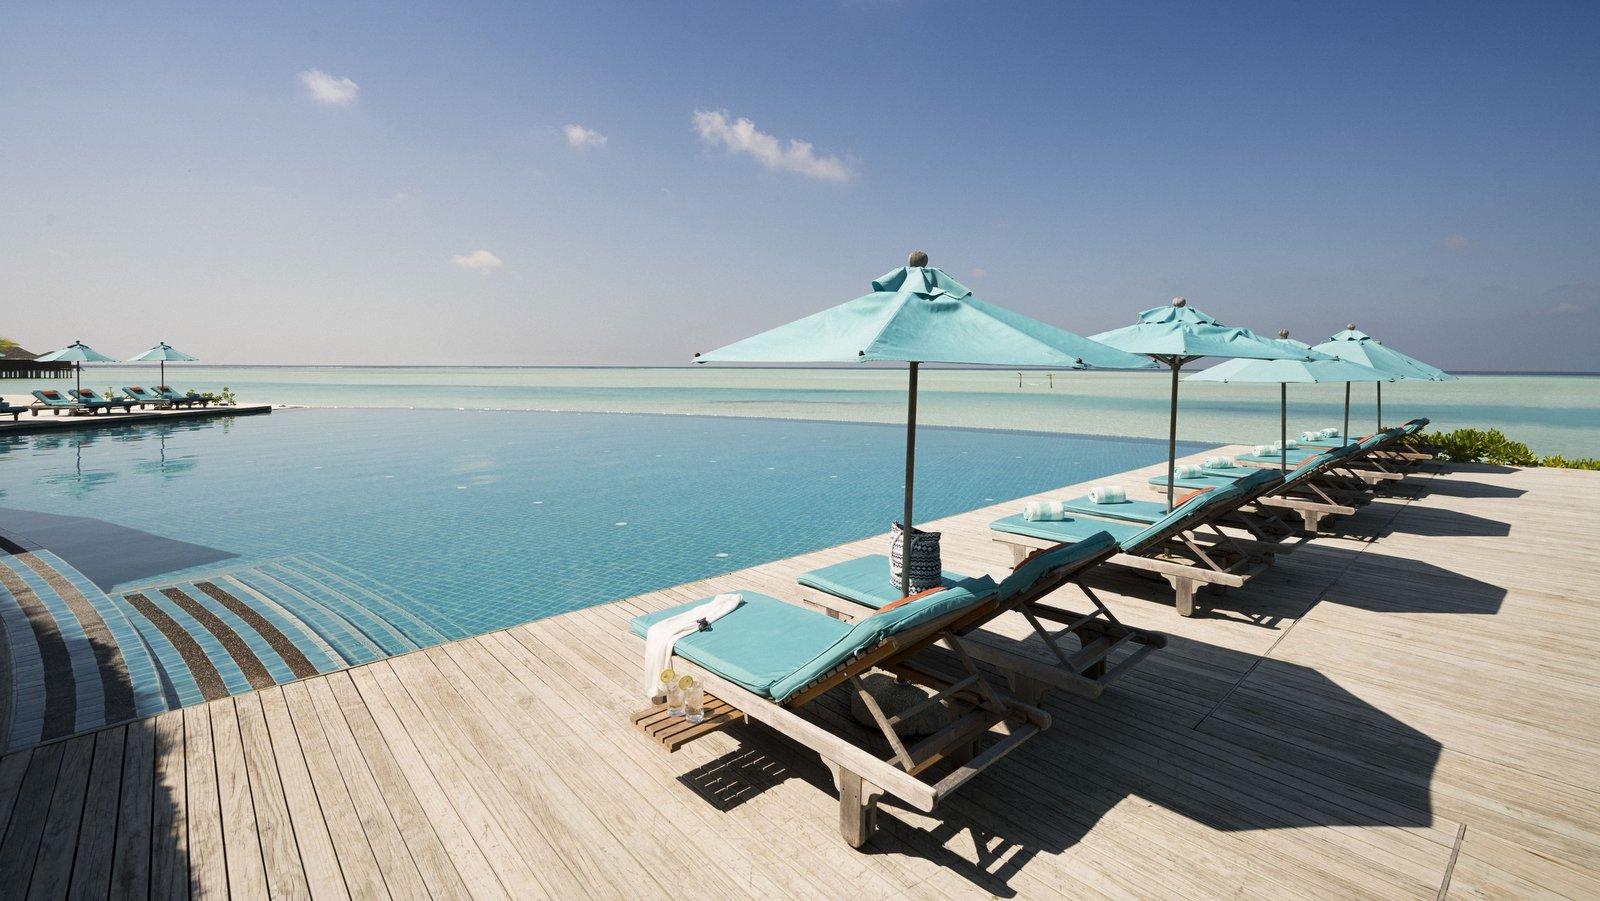 Мальдивы, отель Anantara Dhigu Maldives Resort, бассейн